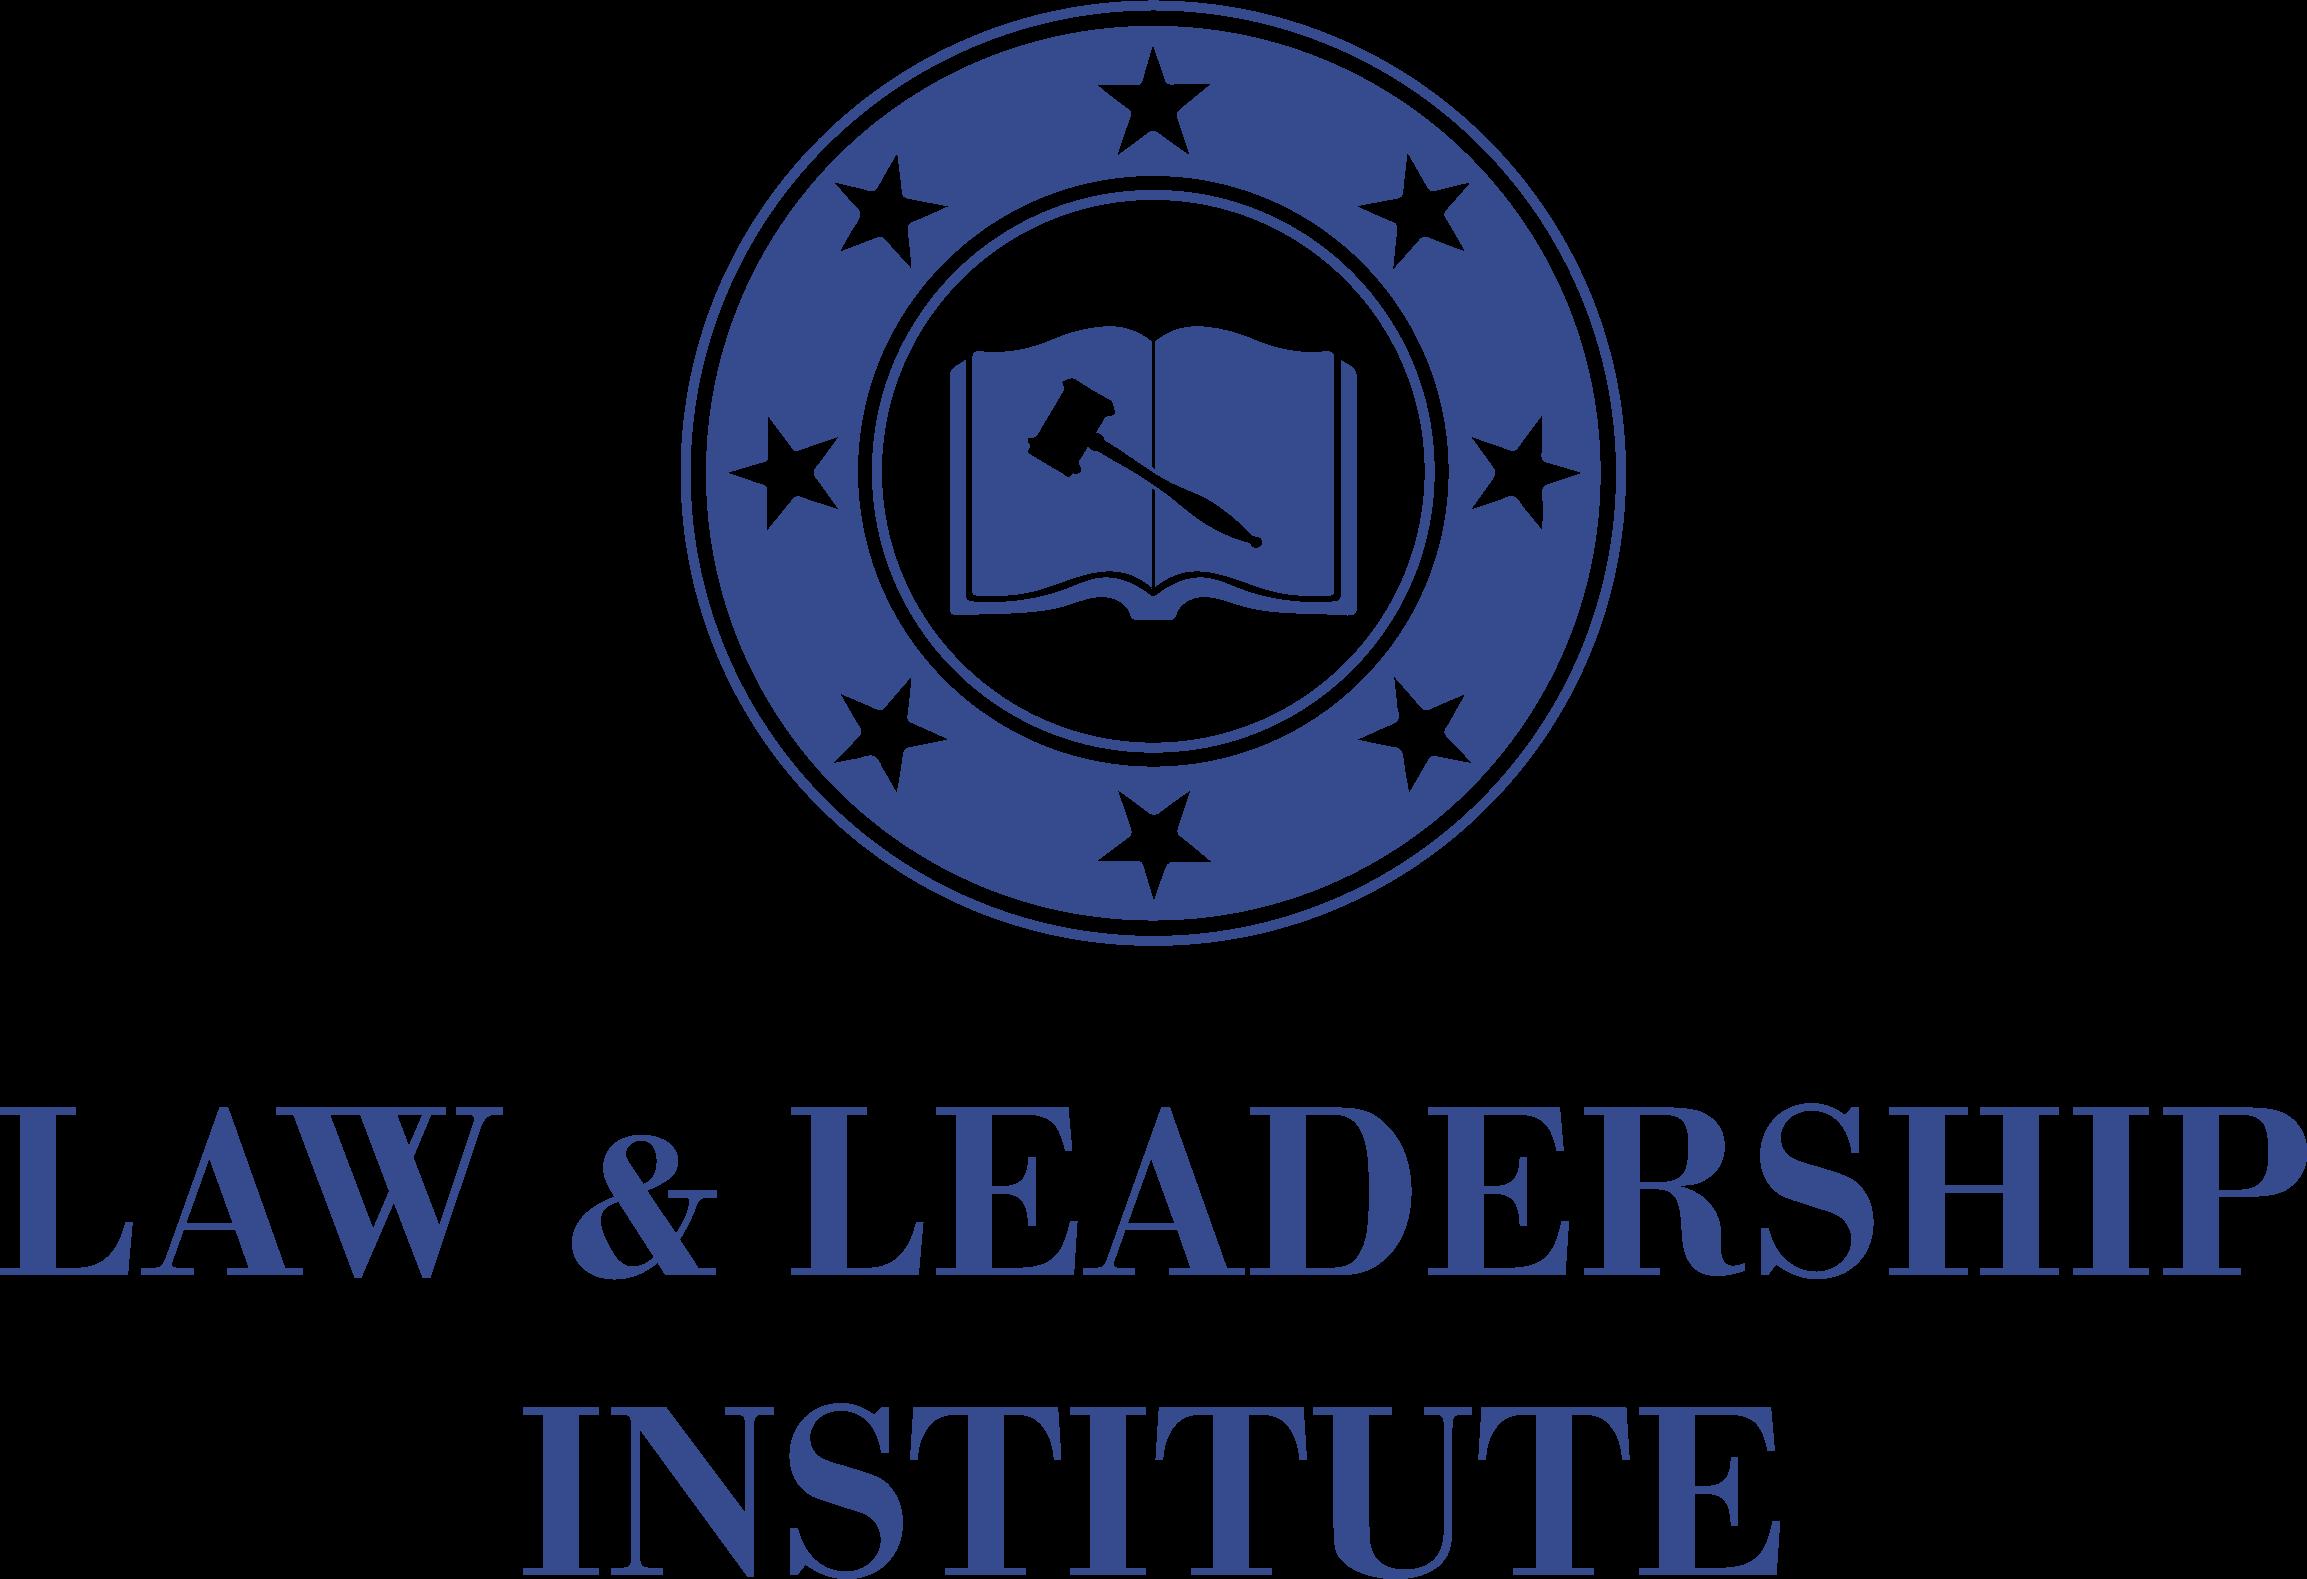 Law & Leadership Institute